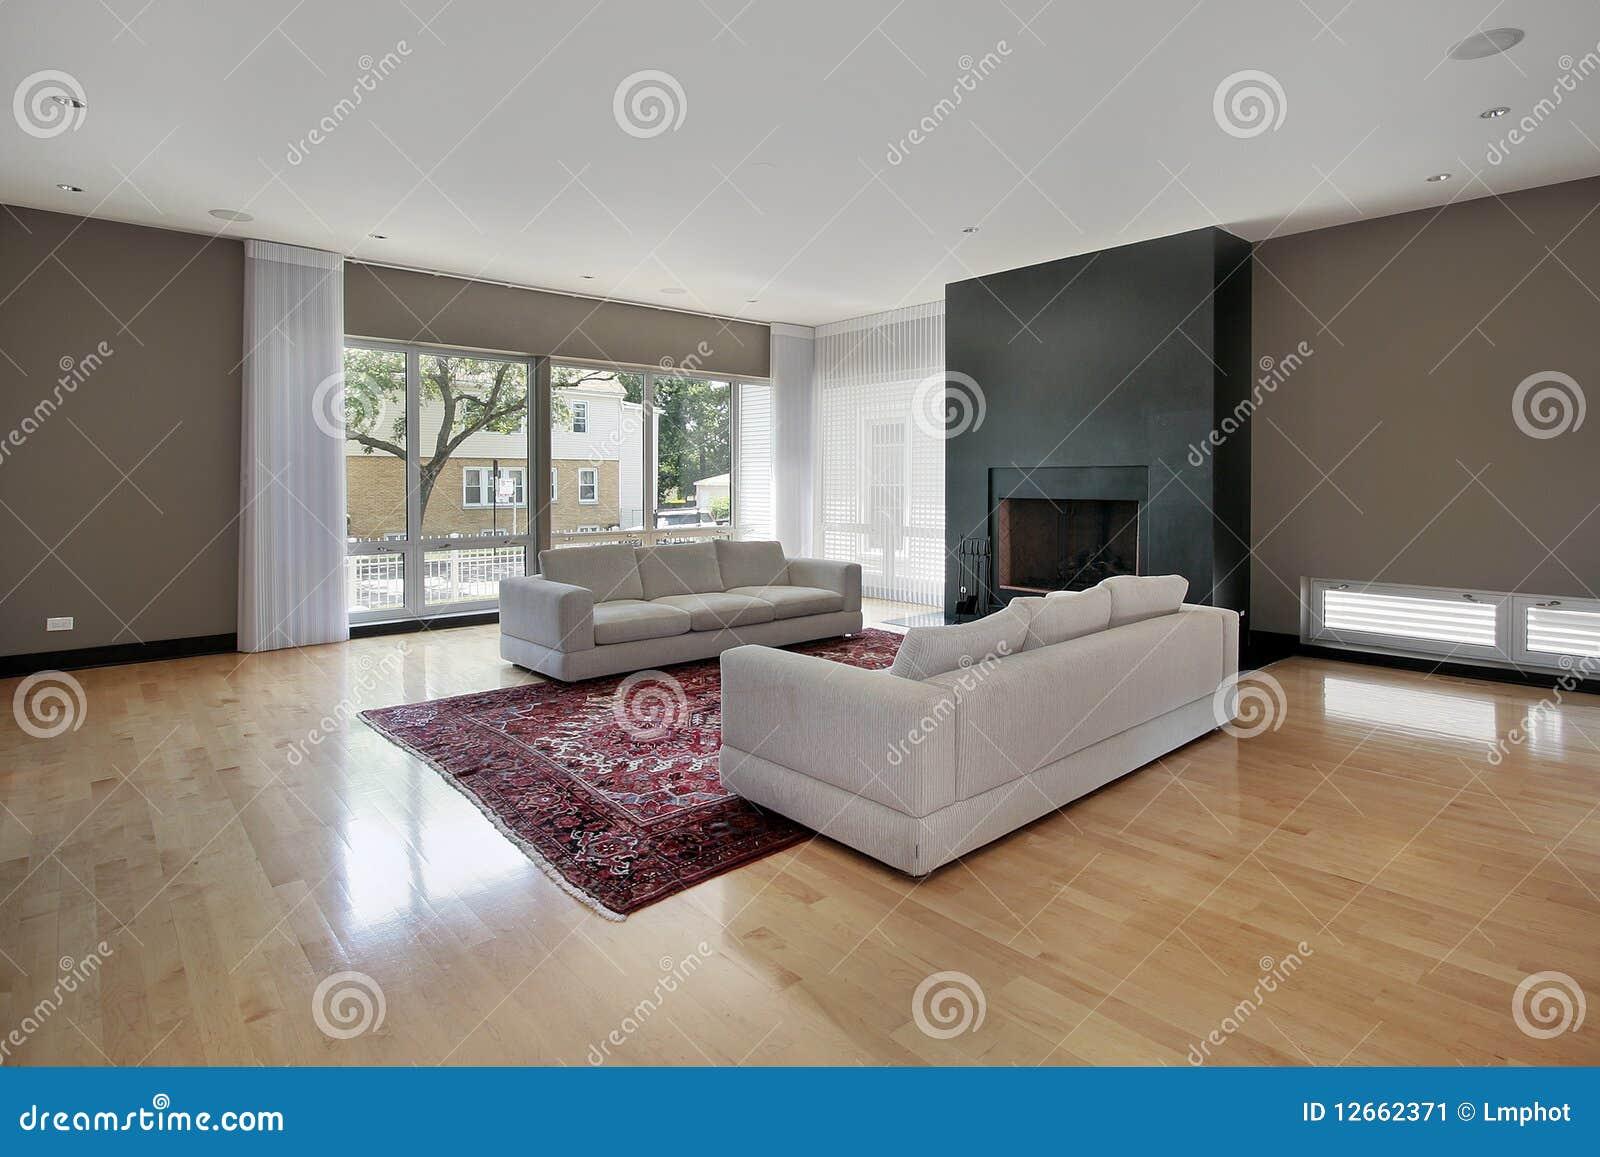 Zwarte muur woonkamer ~ Artikill.com